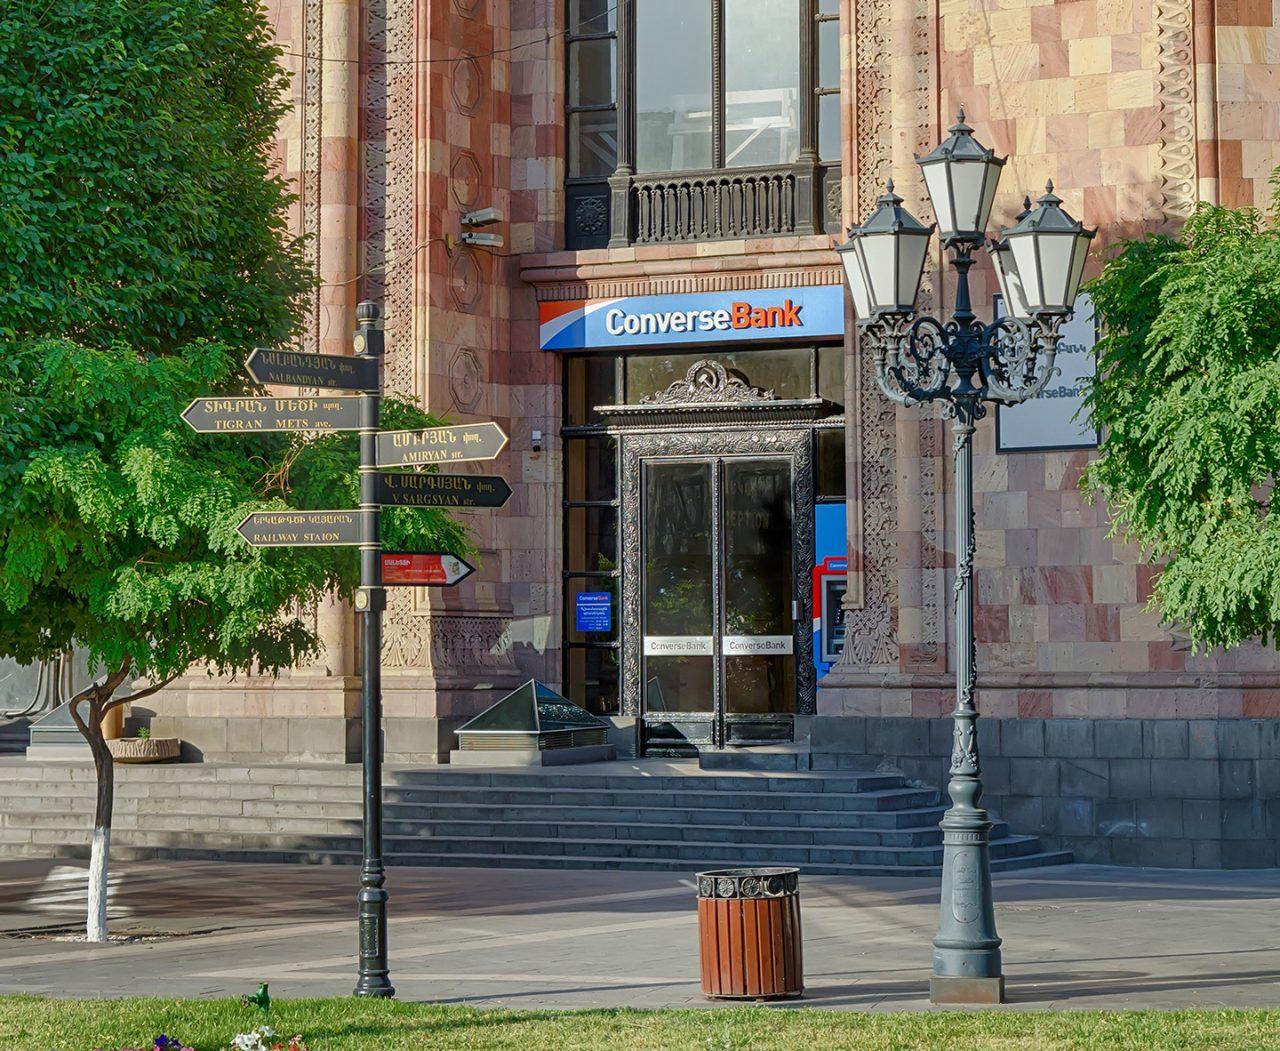 Заключение ОСАГО договоров по платежным терминалам Конверс банка доступно и выгодно